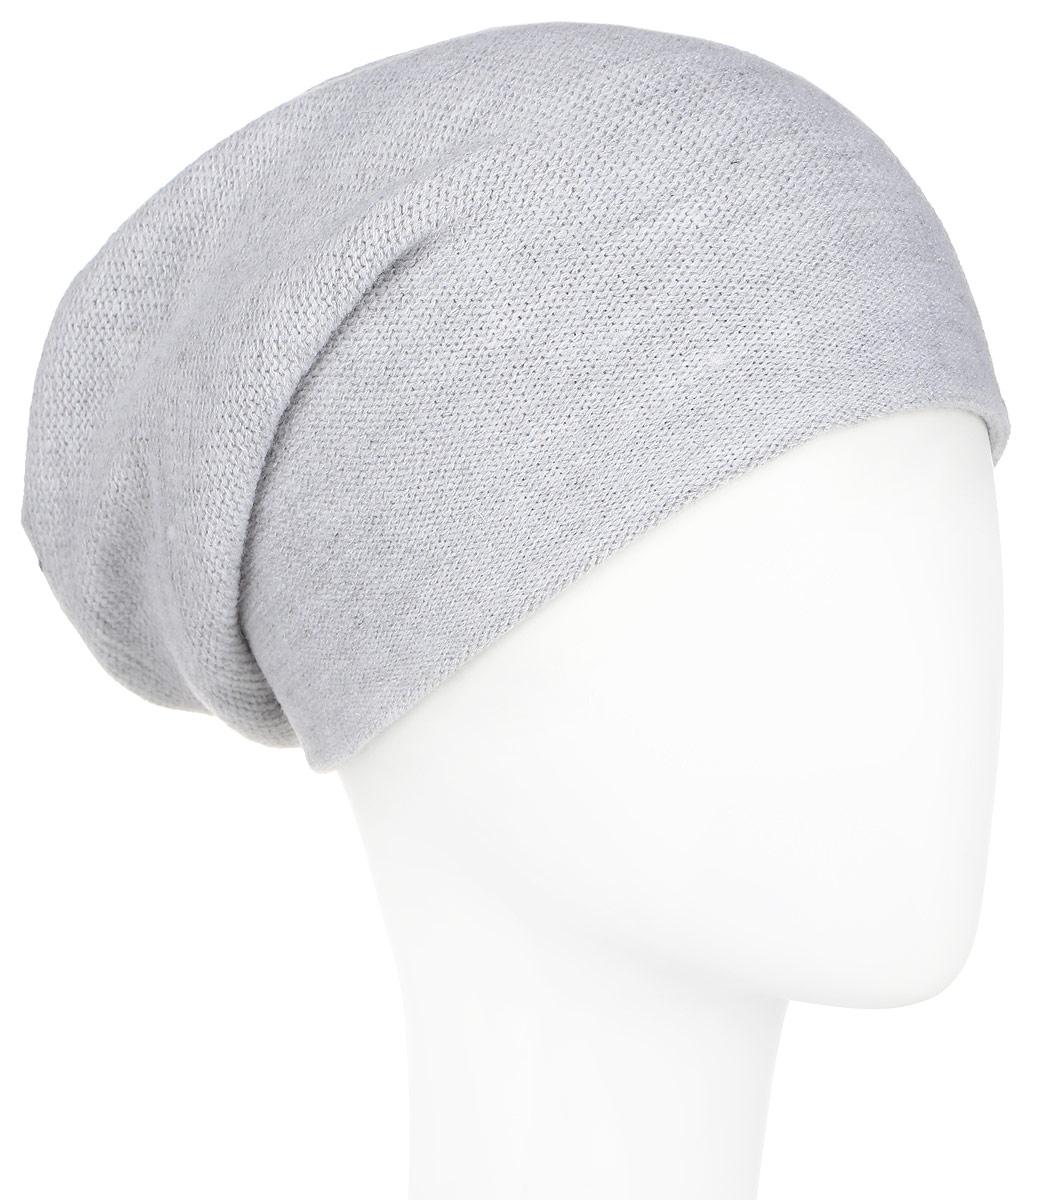 Шапка женская Finn Flare, цвет: светло-серый. A16-11160_211. Размер 56A16-11160_211Стильная женская шапка Finn Flare дополнит ваш наряд и не позволит вам замерзнуть в холодное время года. Шапка выполнена из высококачественной пряжи, что позволяет ей великолепно сохранять тепло и обеспечивает высокую эластичность и удобство посадки. Модель с удлиненной макушкой дополнена отверстием для хвоста и оформлена металлической эмблемой с логотипом производителя. Такая шапка станет модным и стильным дополнением вашего гардероба. Она согреет вас и позволит подчеркнуть свою индивидуальность!